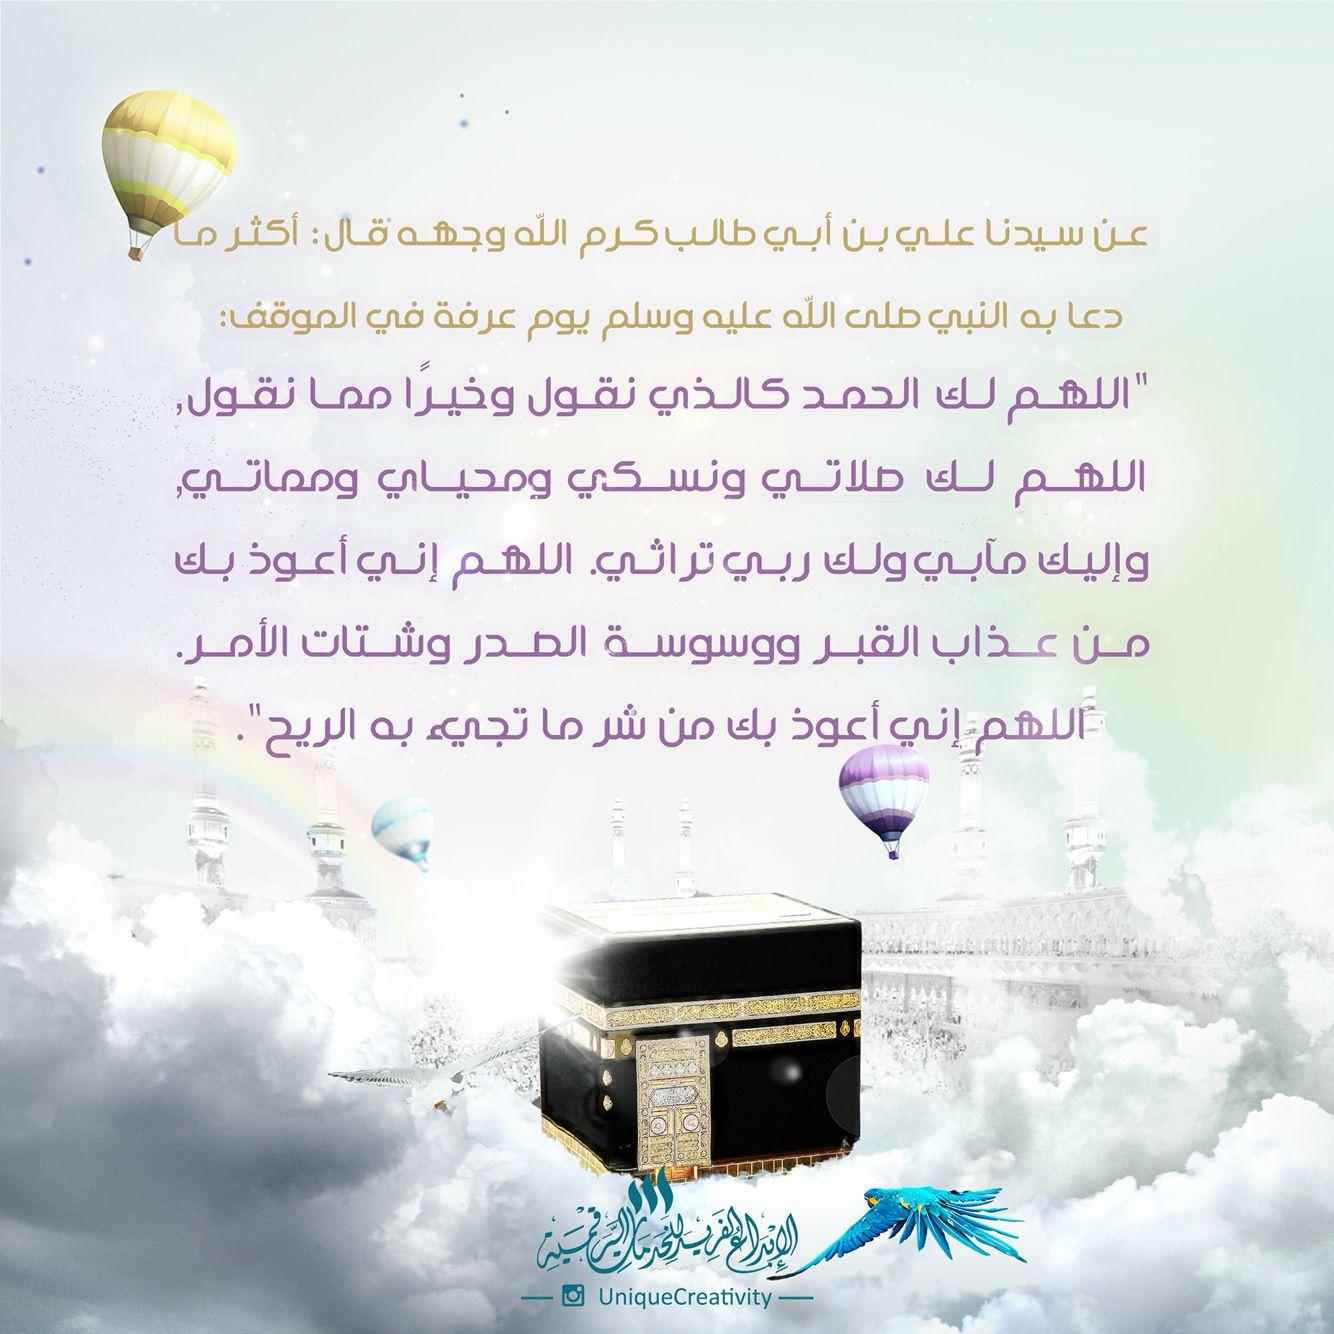 من أدعية يوم عرفة عيد عيد سعيد عيدكم مبارك عيد الاضحى عيد الحج يوم عرفة اسلاميات المصمم تصميم تصاميم تصميمي ت Eid Mubarak Movie Posters Quotes